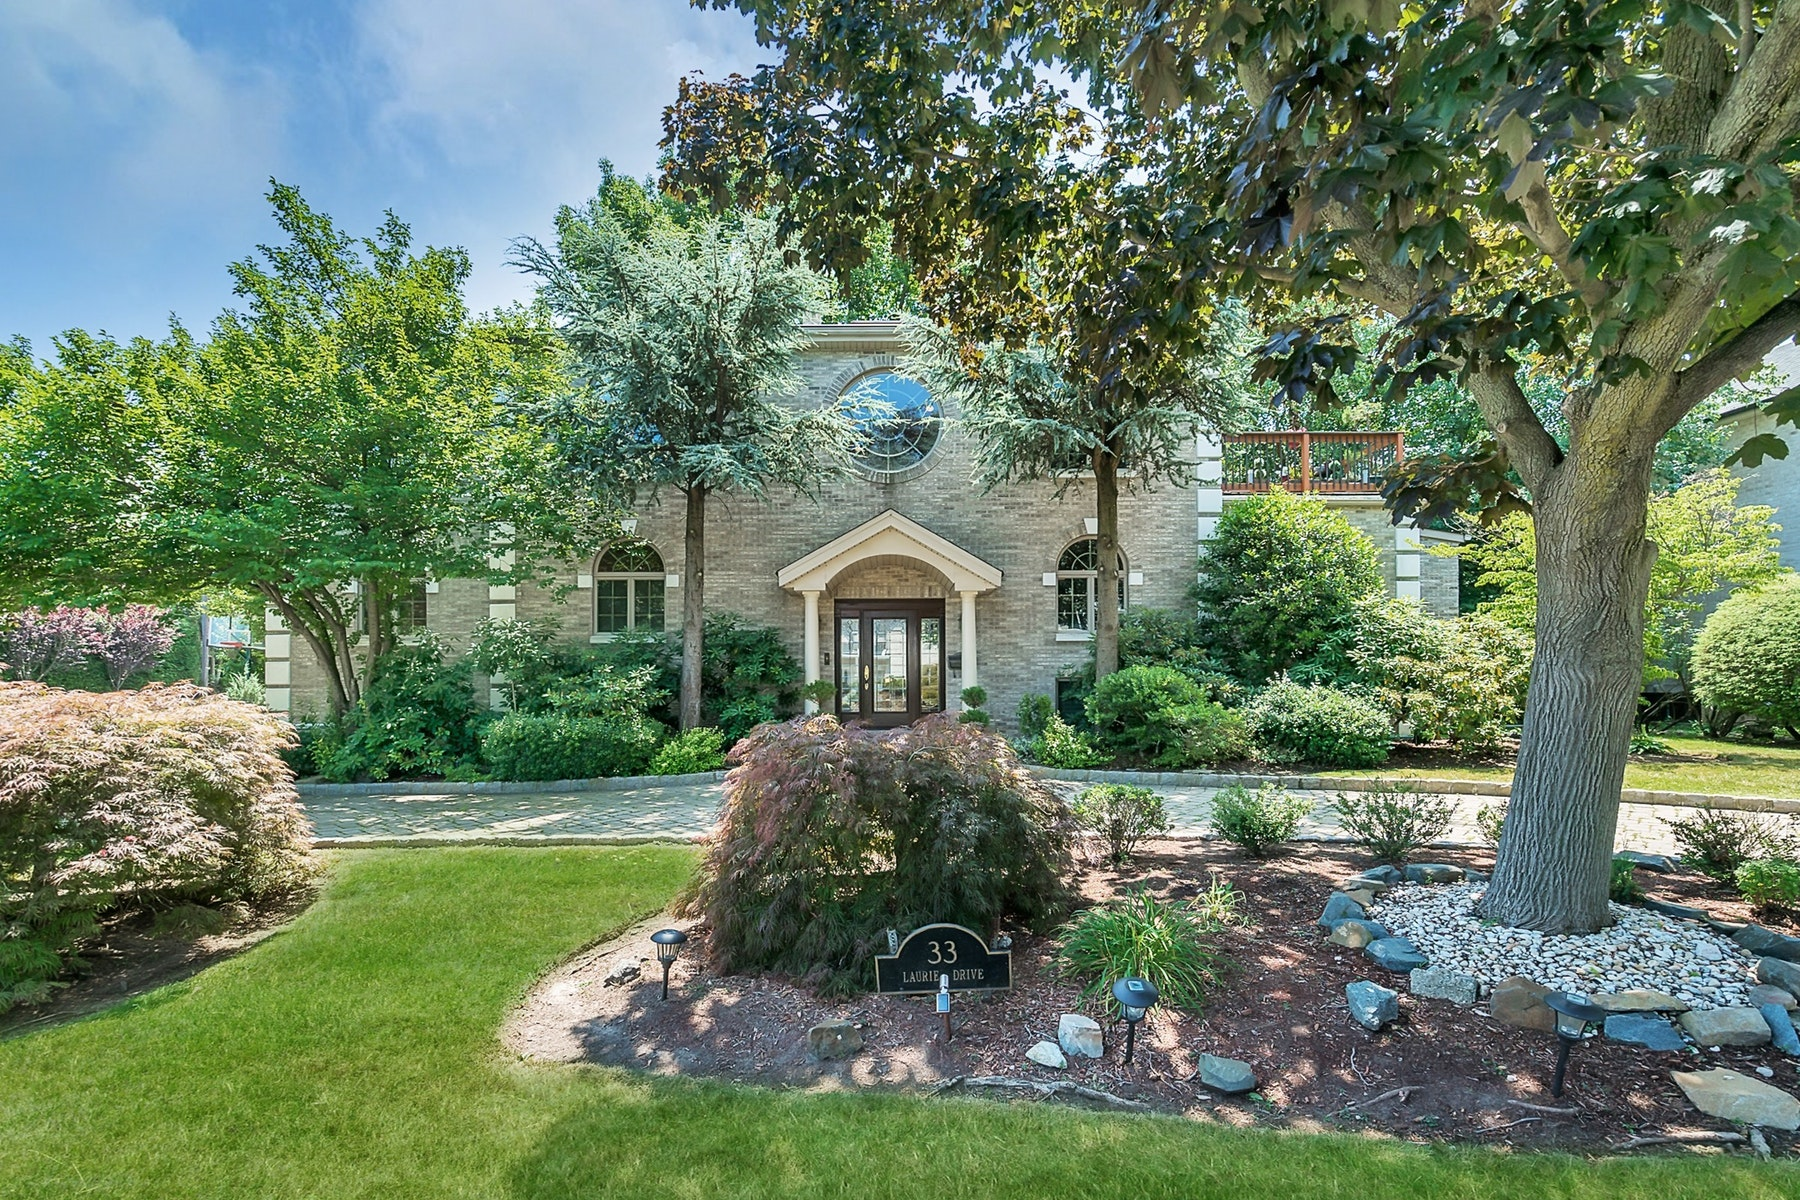 Villa per Vendita alle ore 33 Laurie Drive Englewood Cliffs, New Jersey 07632 Stati Uniti